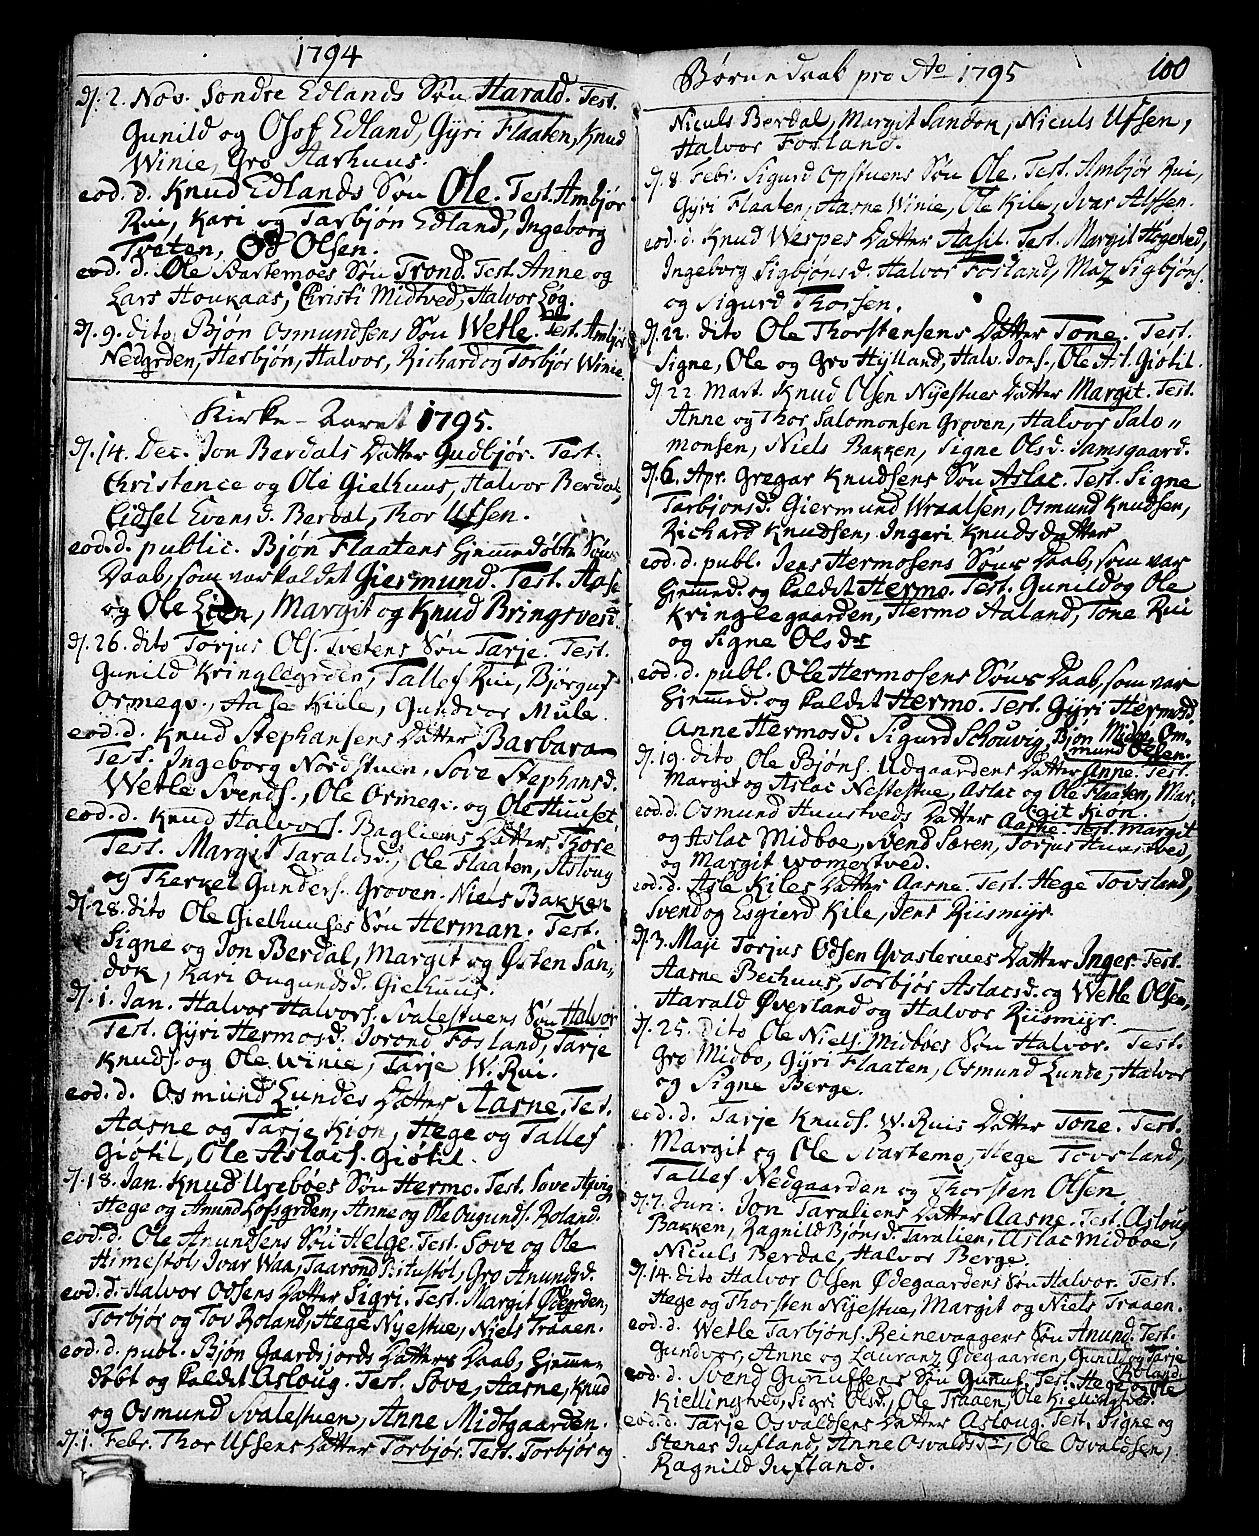 SAKO, Vinje kirkebøker, F/Fa/L0002: Ministerialbok nr. I 2, 1767-1814, s. 100